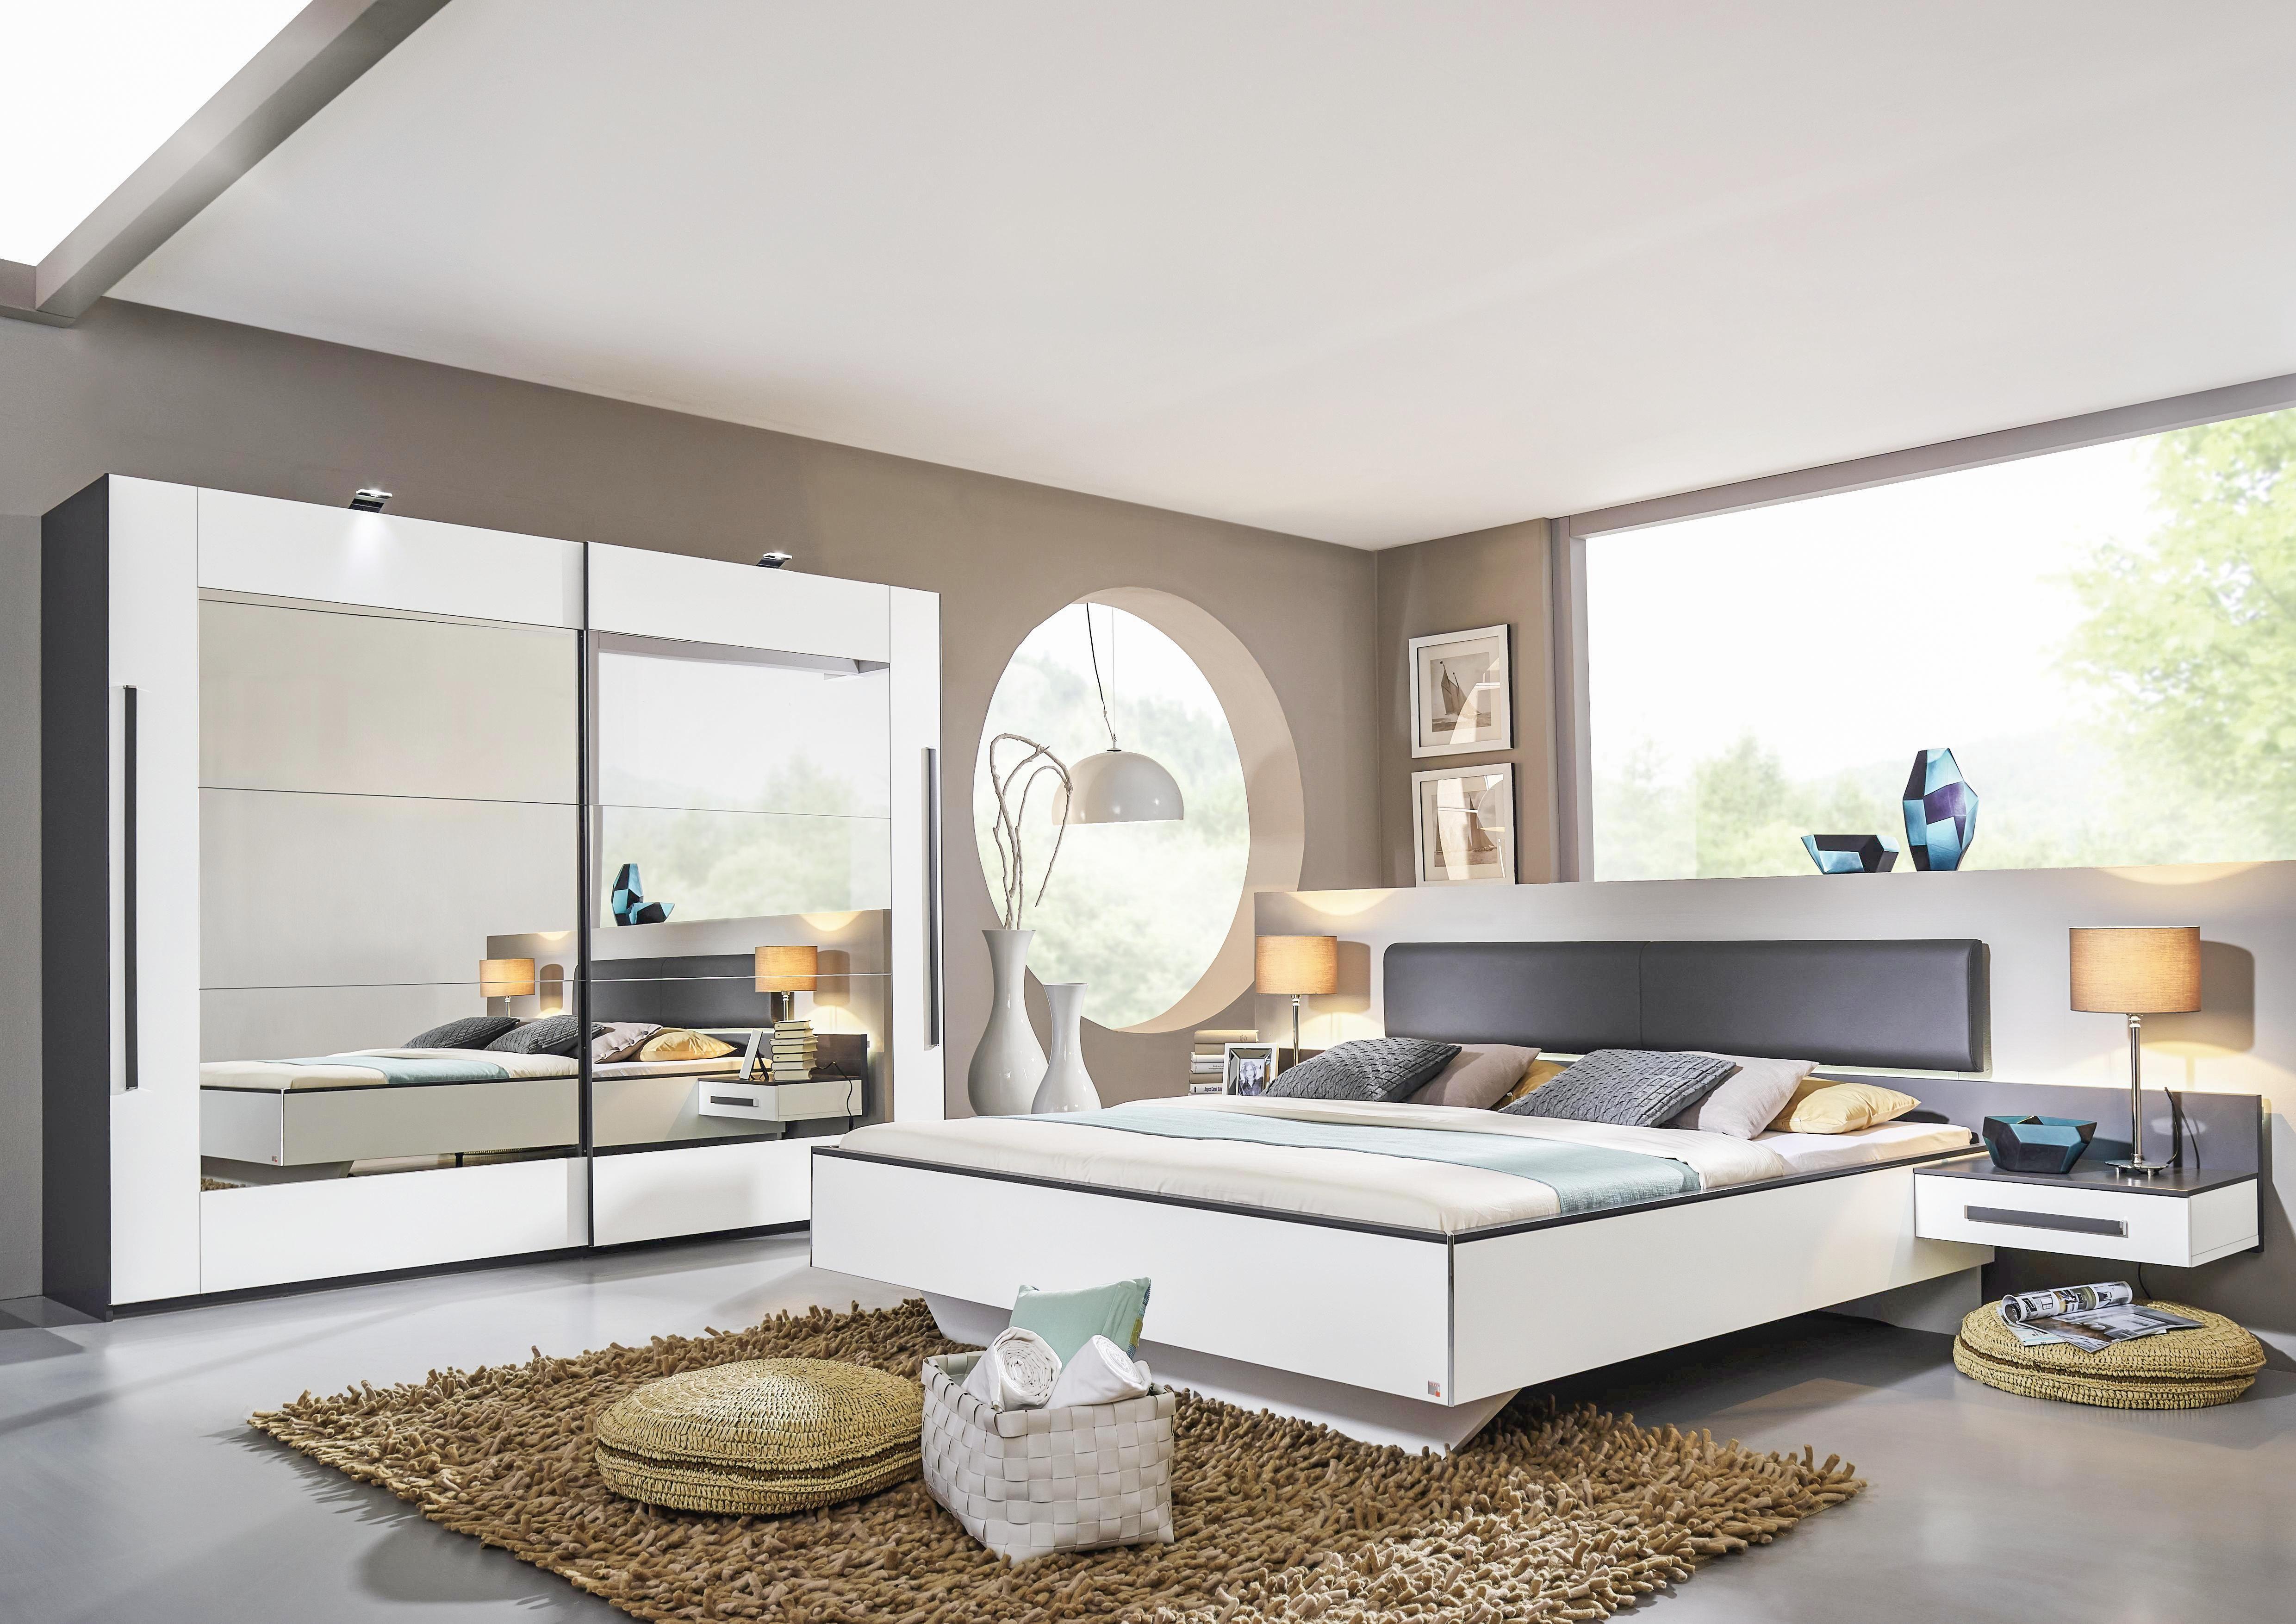 SchlafzimmerSet »Novara« Nolte möbel, Schlafzimmer set